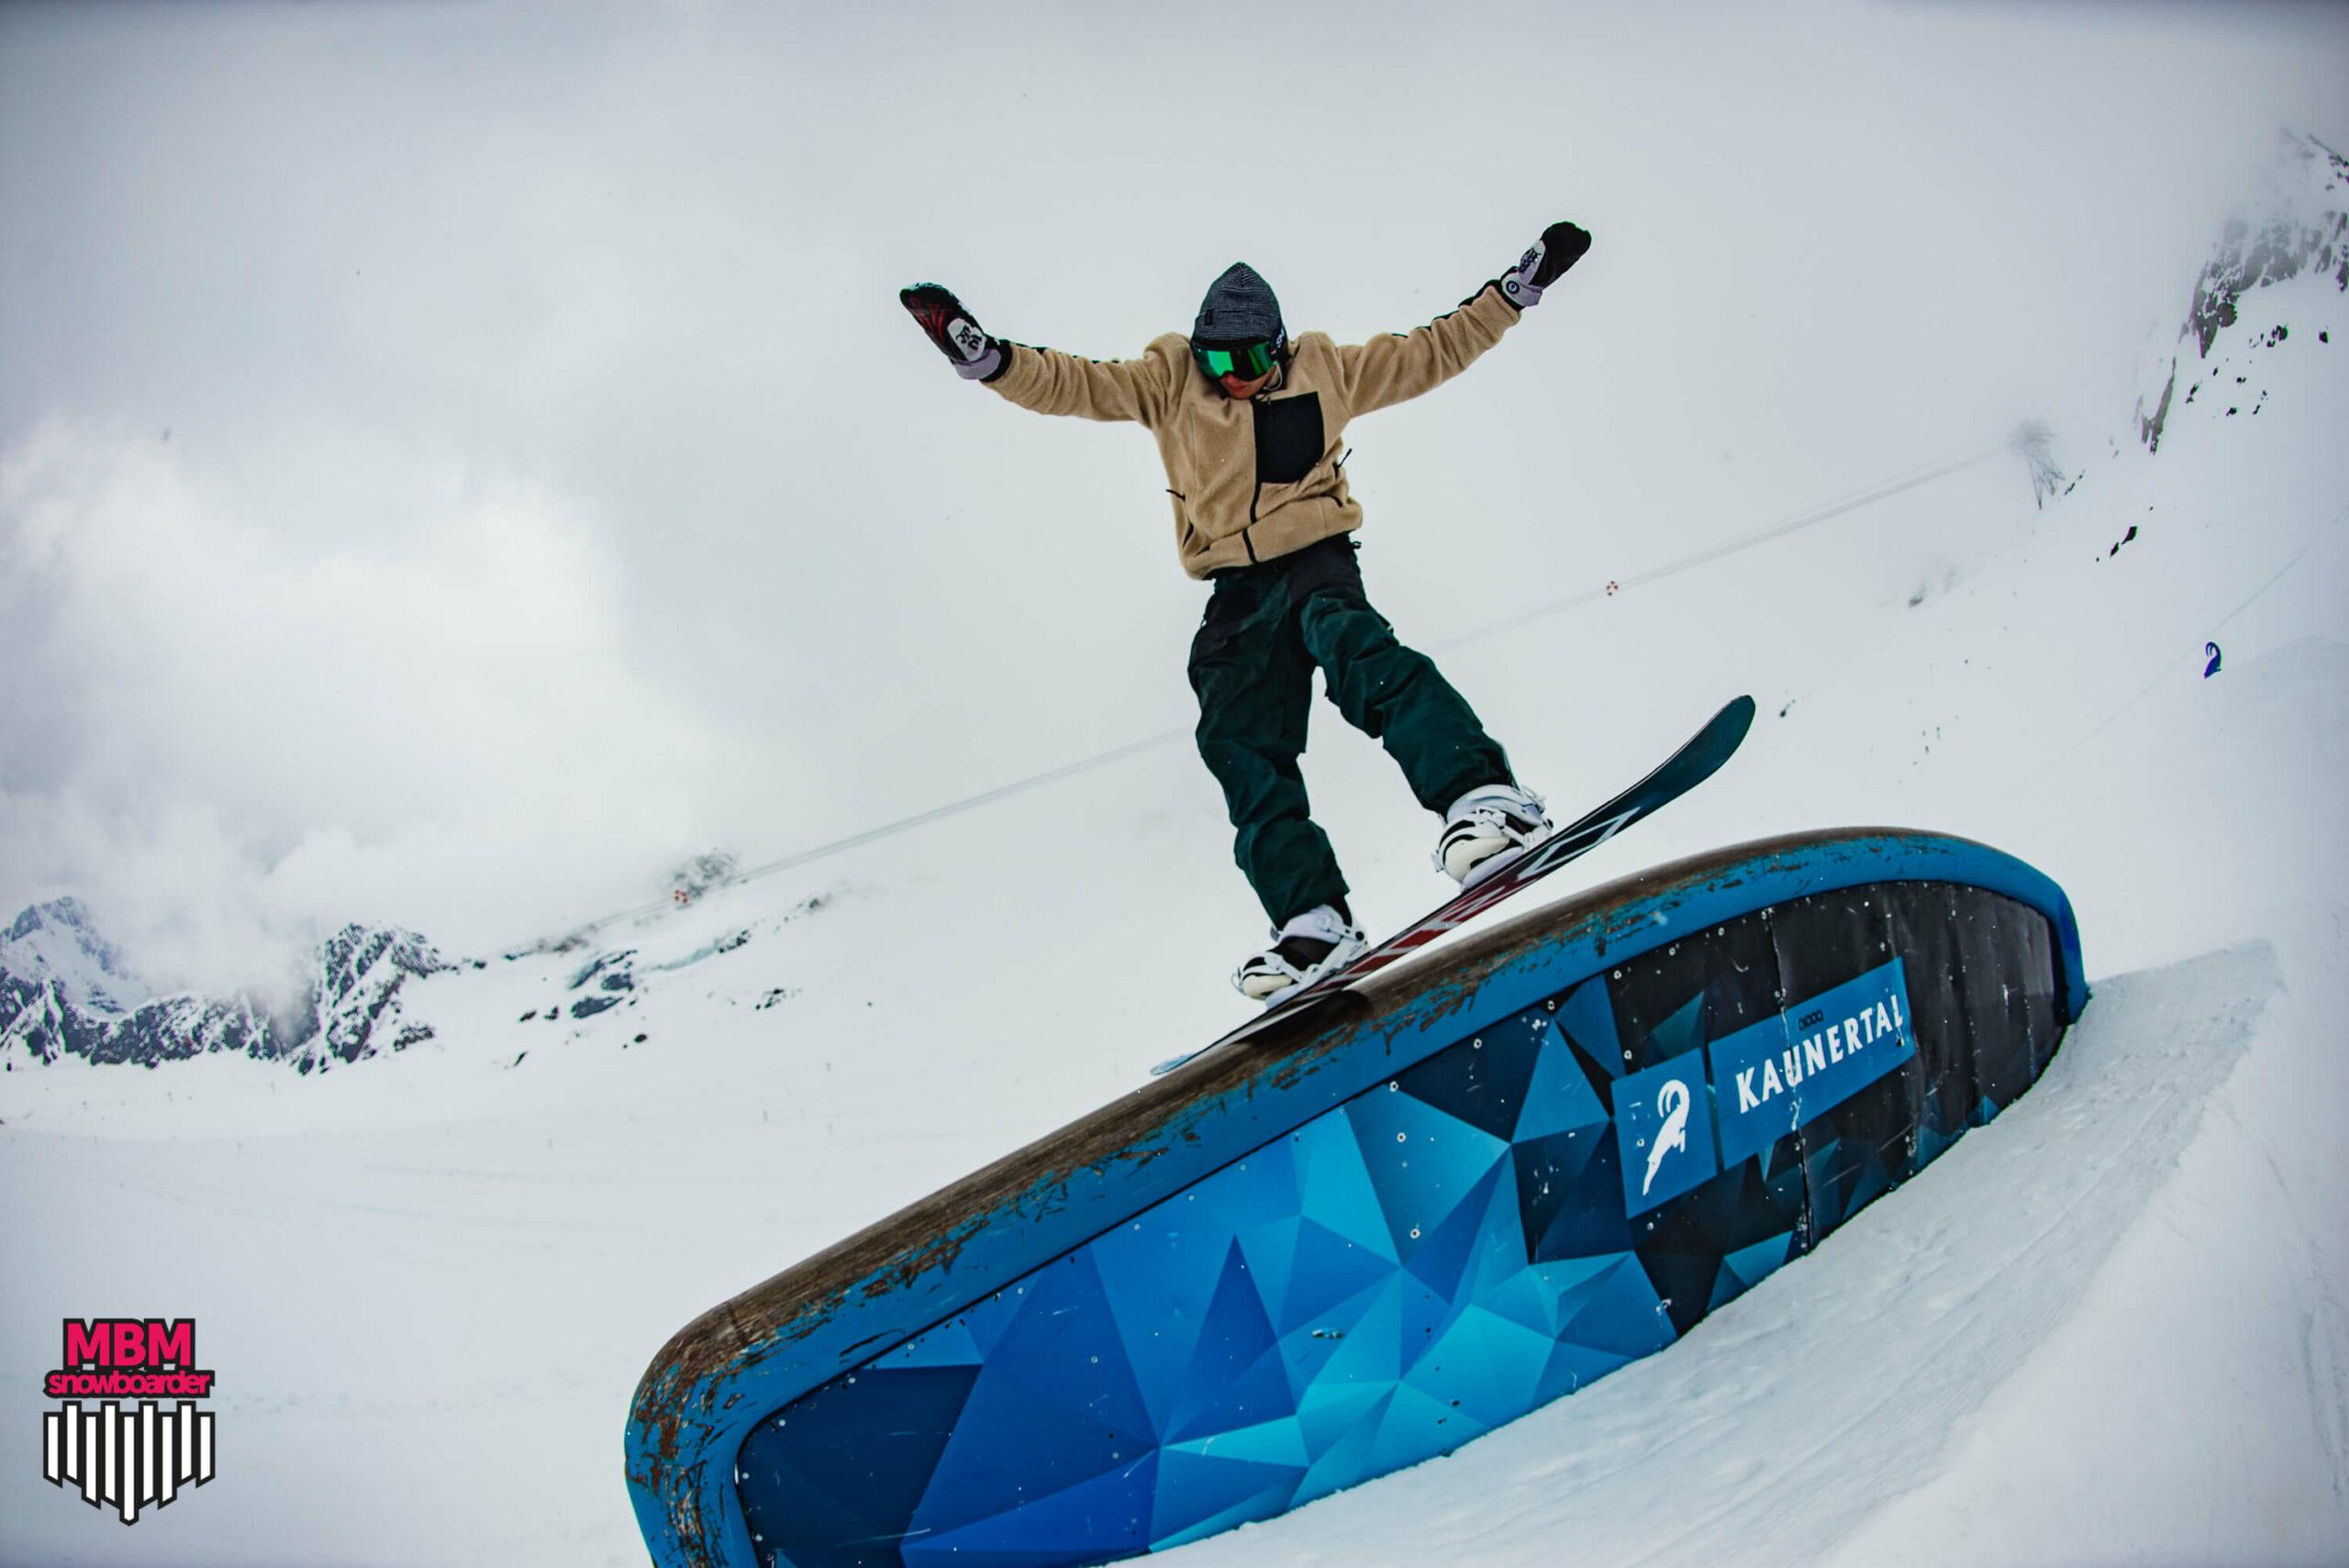 snowboarderMBM_sd_kaunertal_086